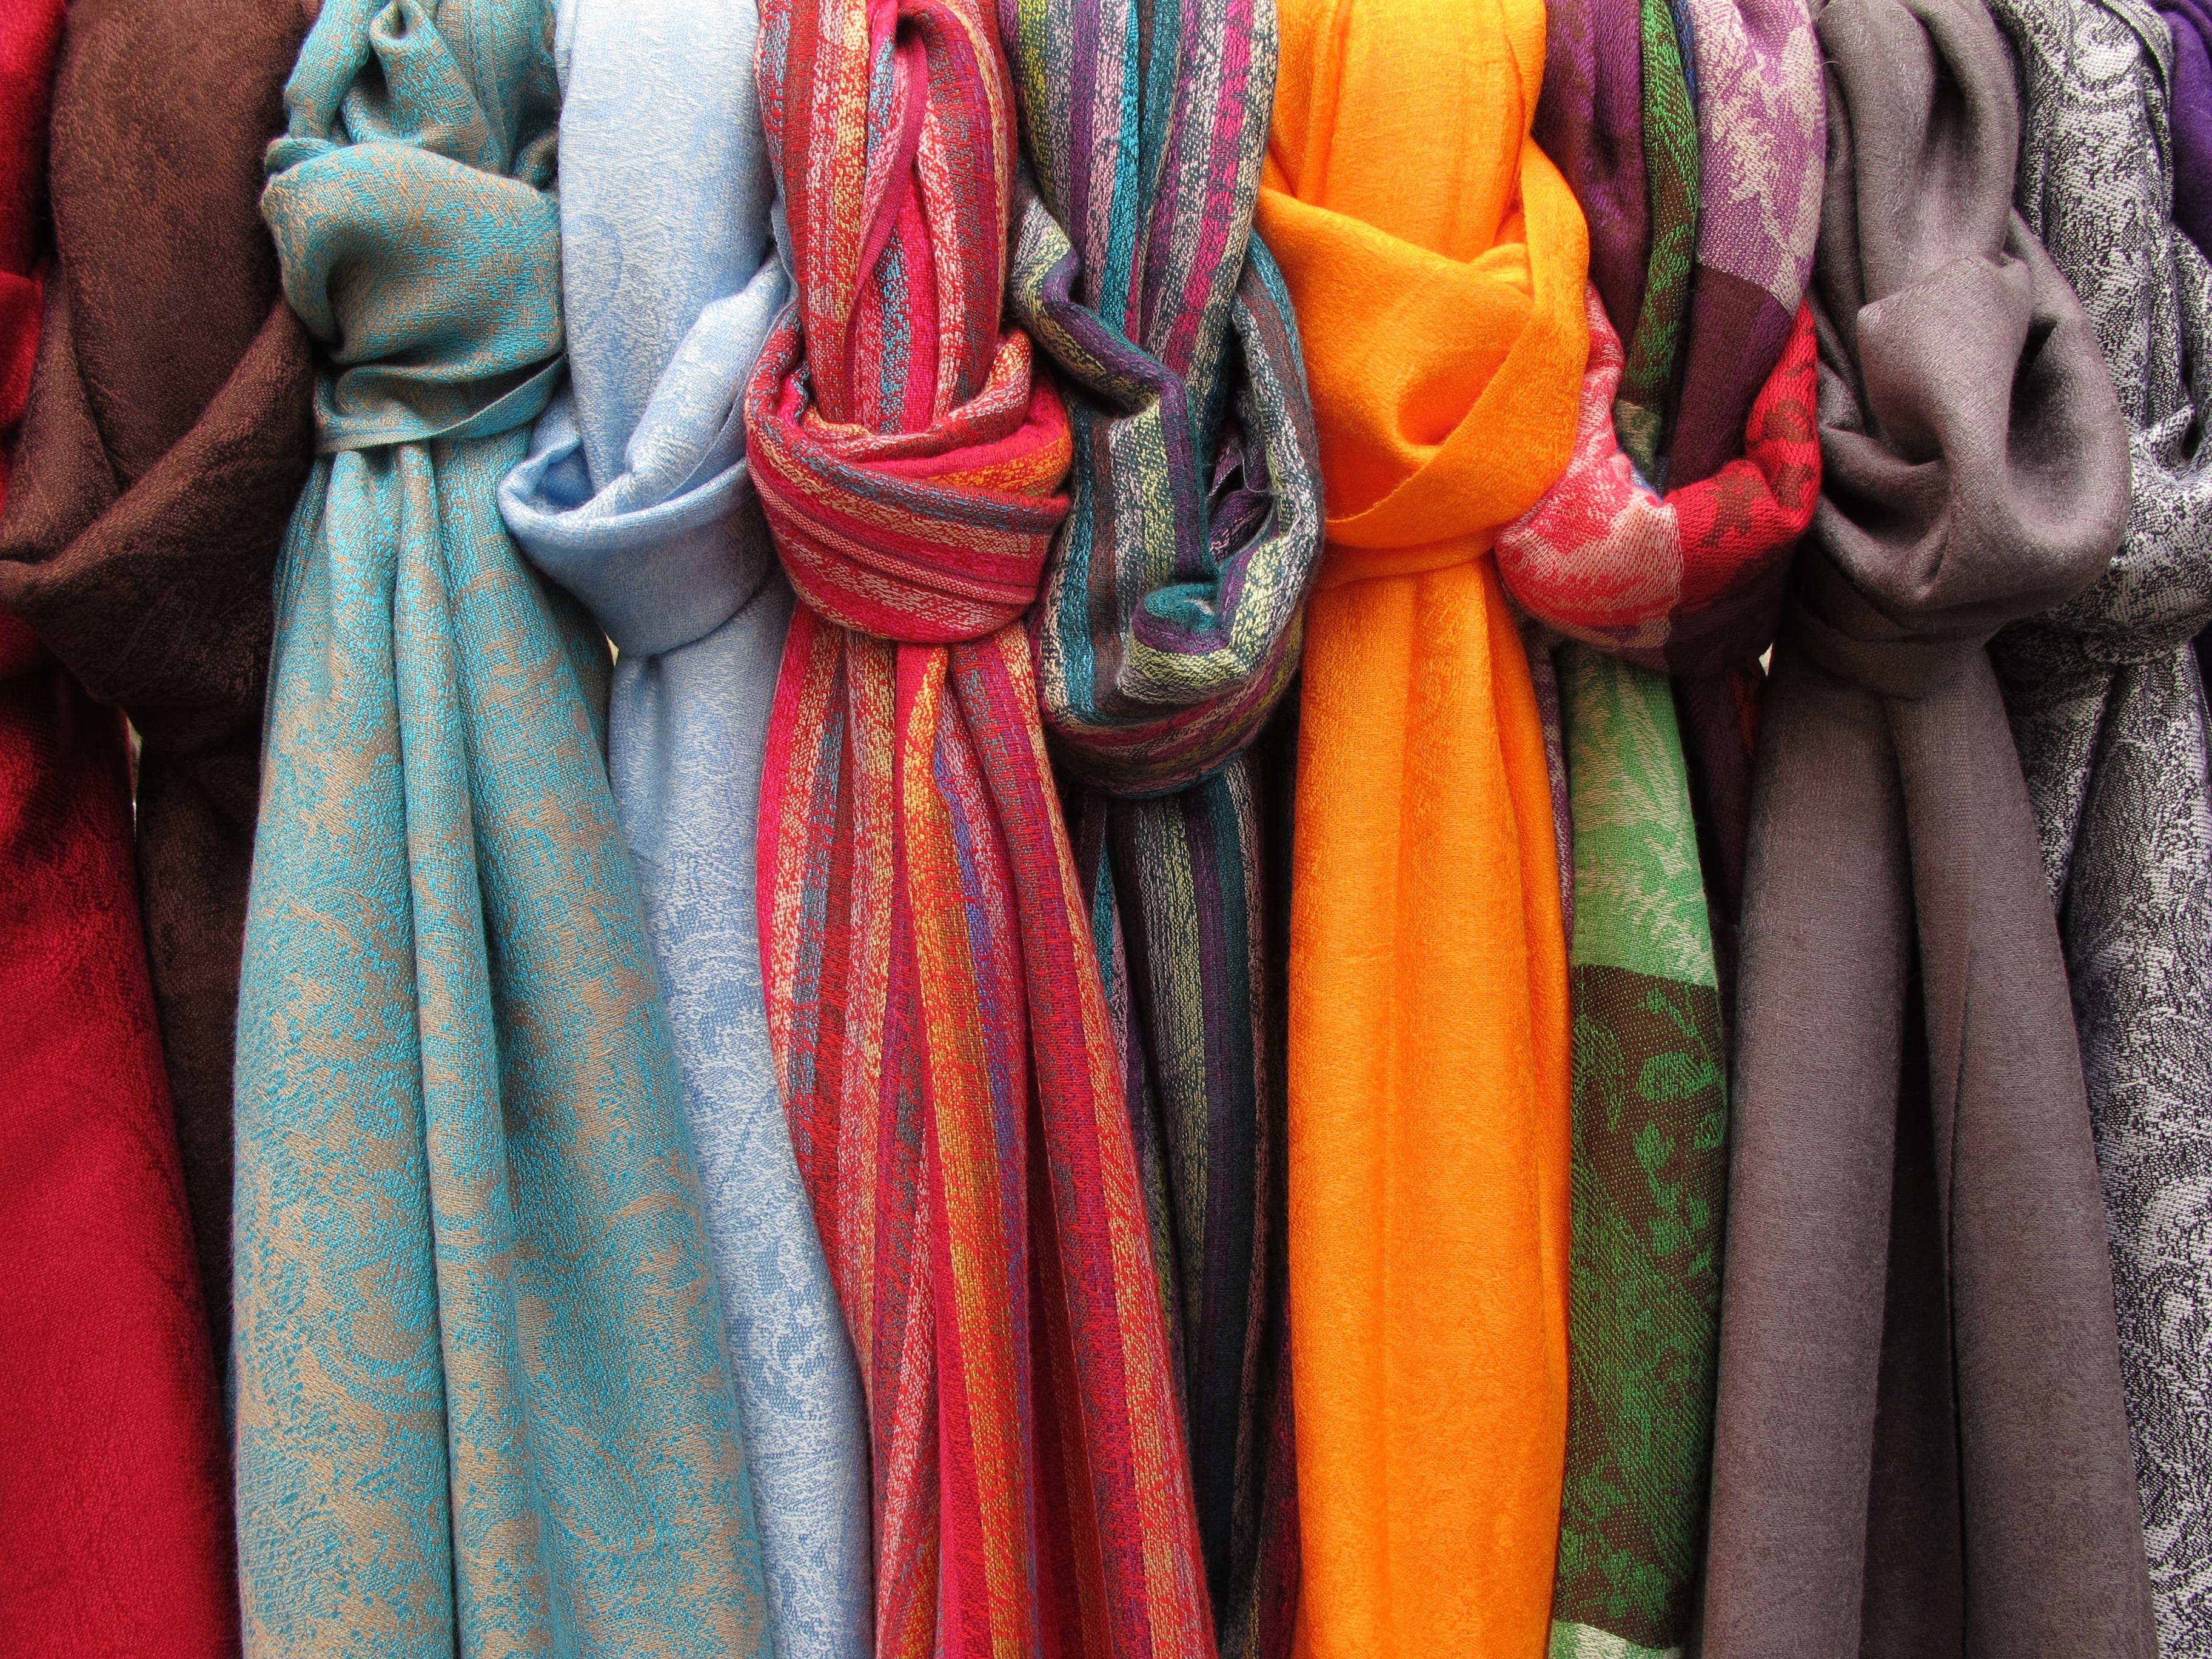 Fotos gratis : textura, patrón, color, Moda, ropa, paño, lana ...